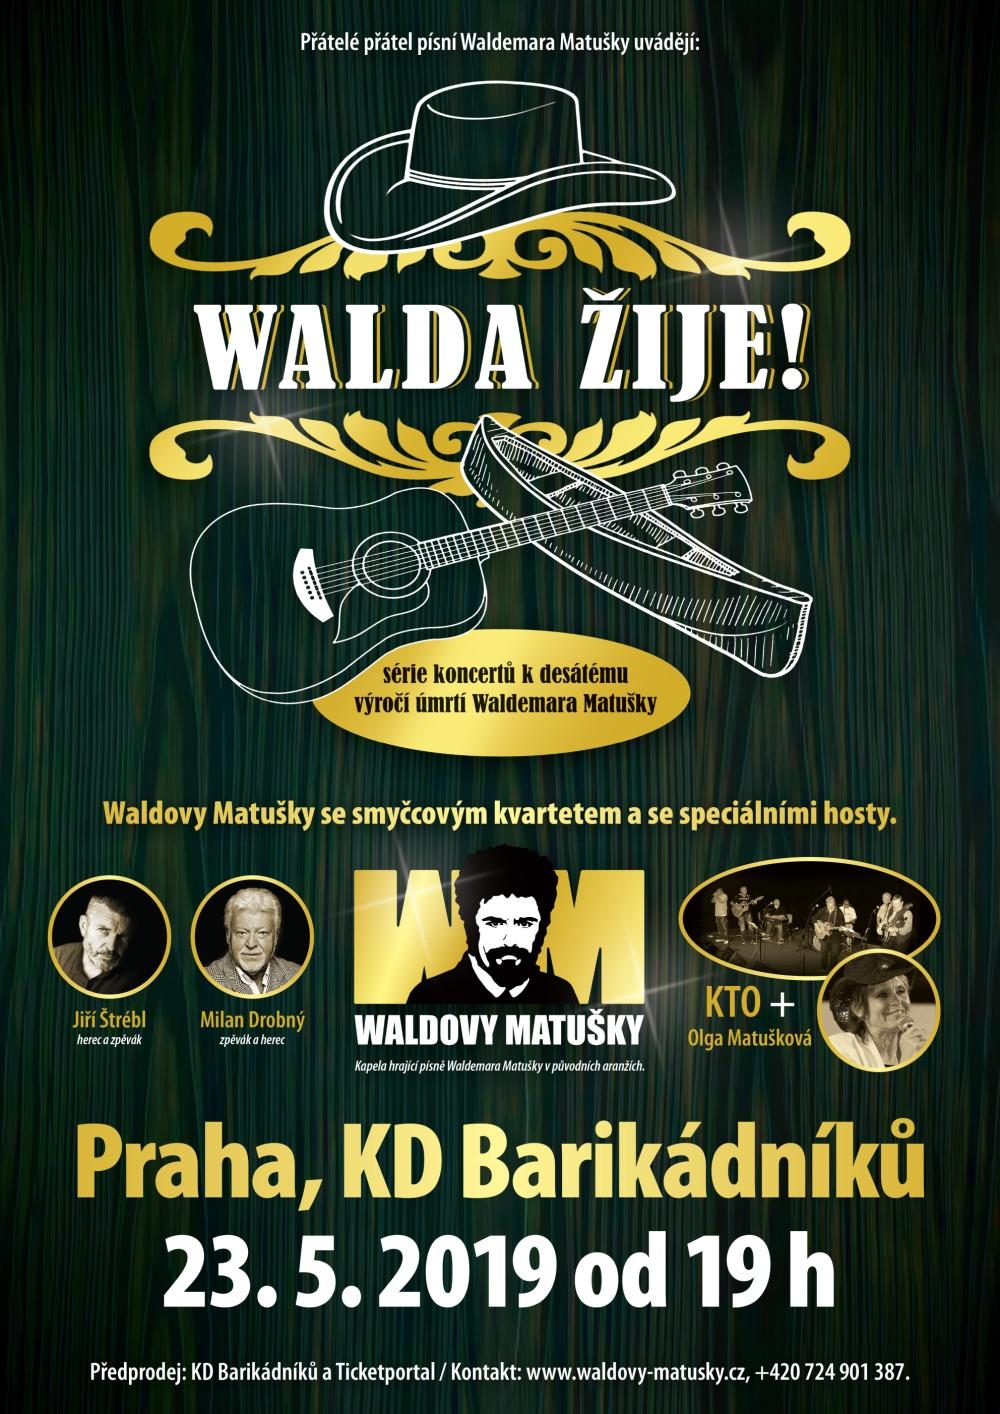 picture WALDOVY MATUŠKY - Walda žije!